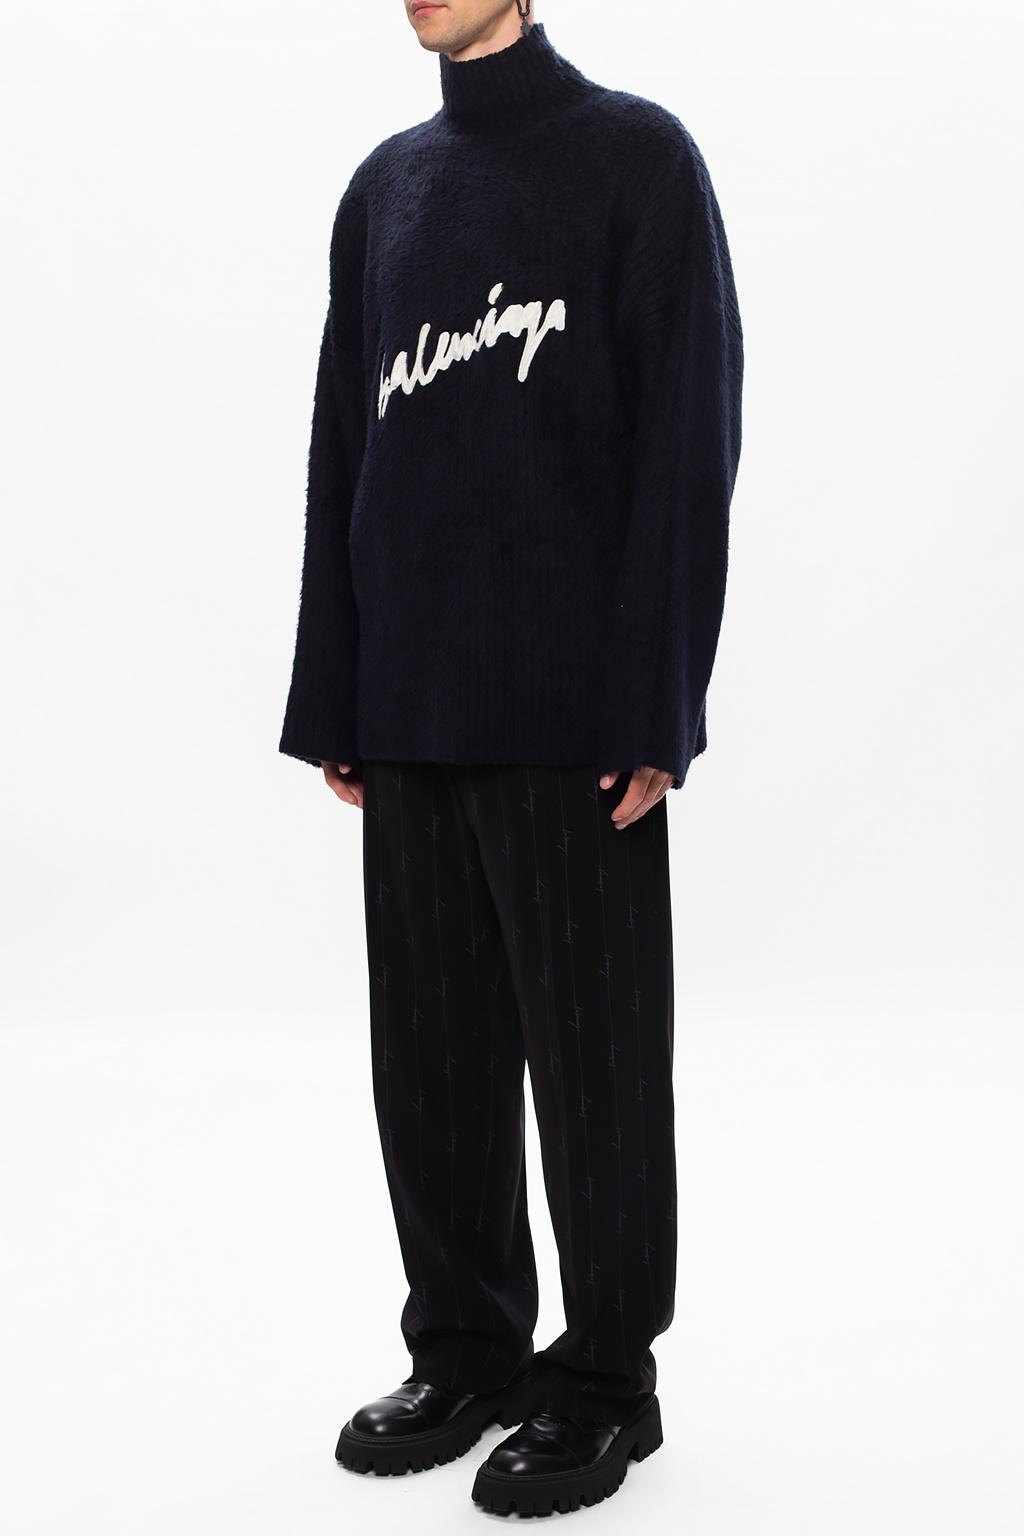 BALEnciaga   Shirt2   6259358065